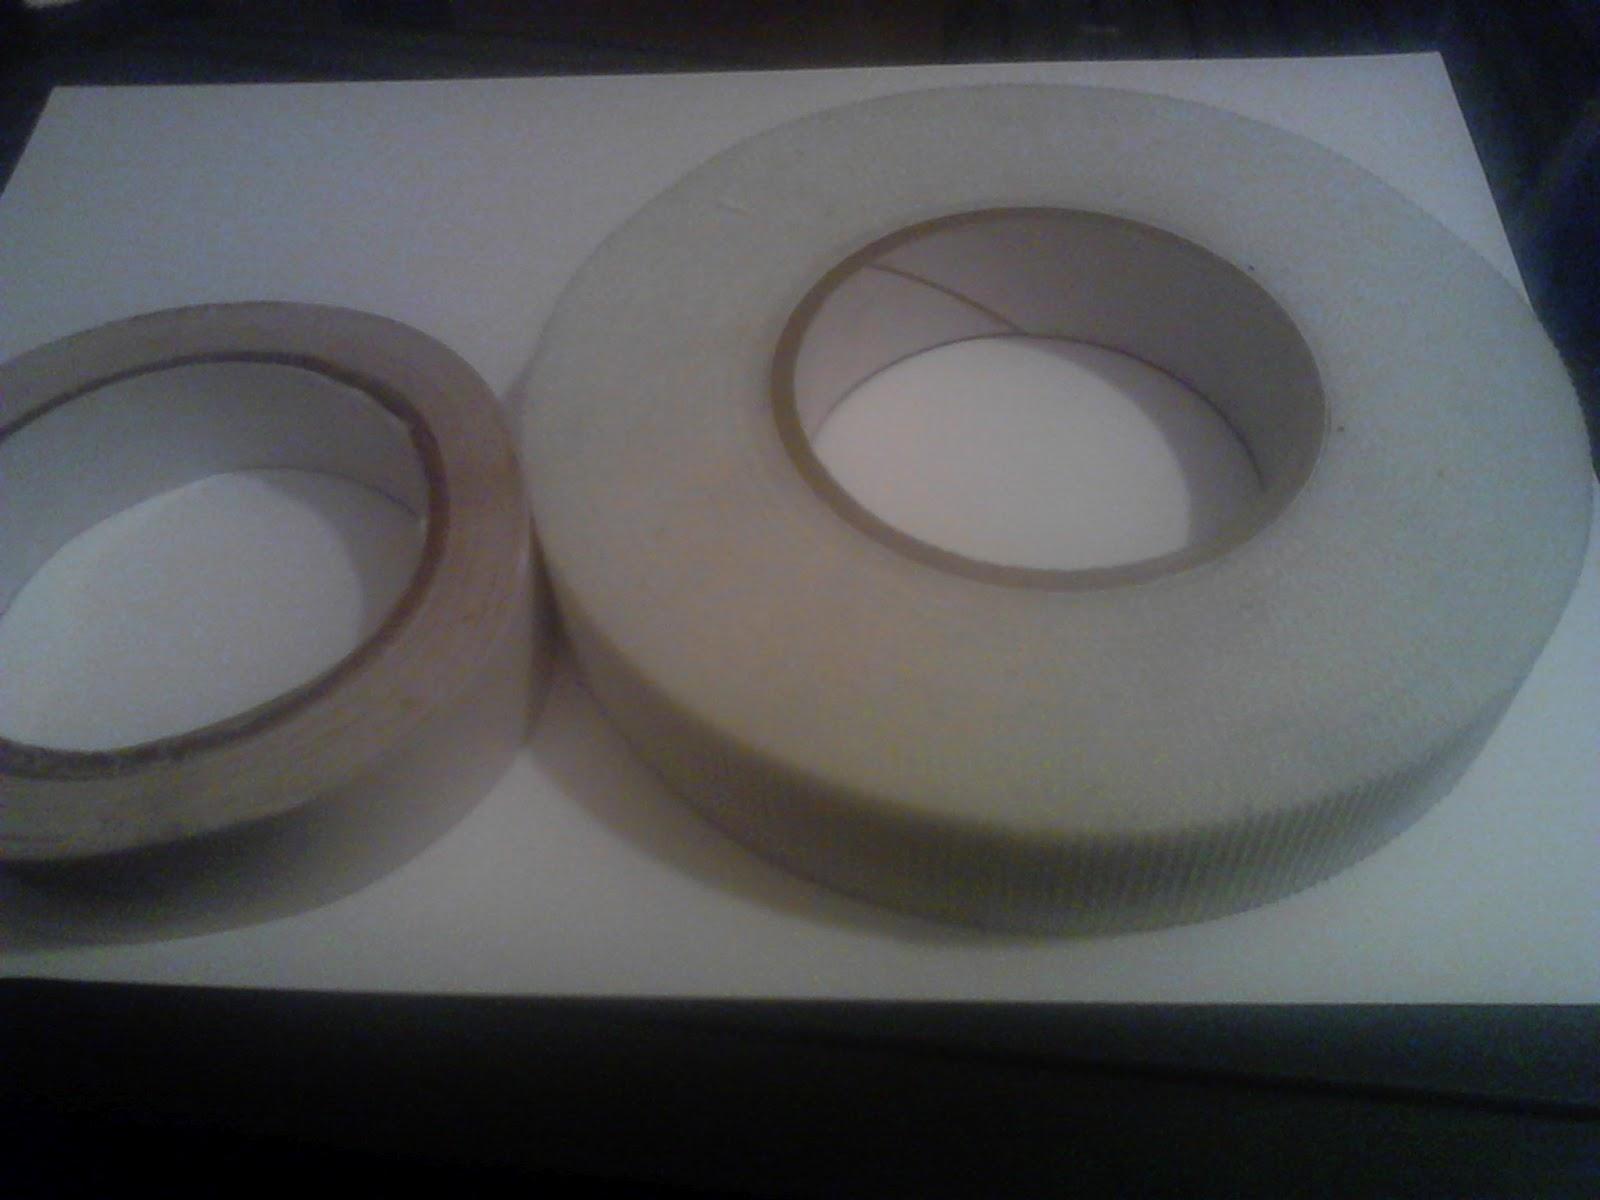 Orejas de soplillo nueva cinta adhesiva doble cara - Como quitar cinta adhesiva doble cara de la pared ...